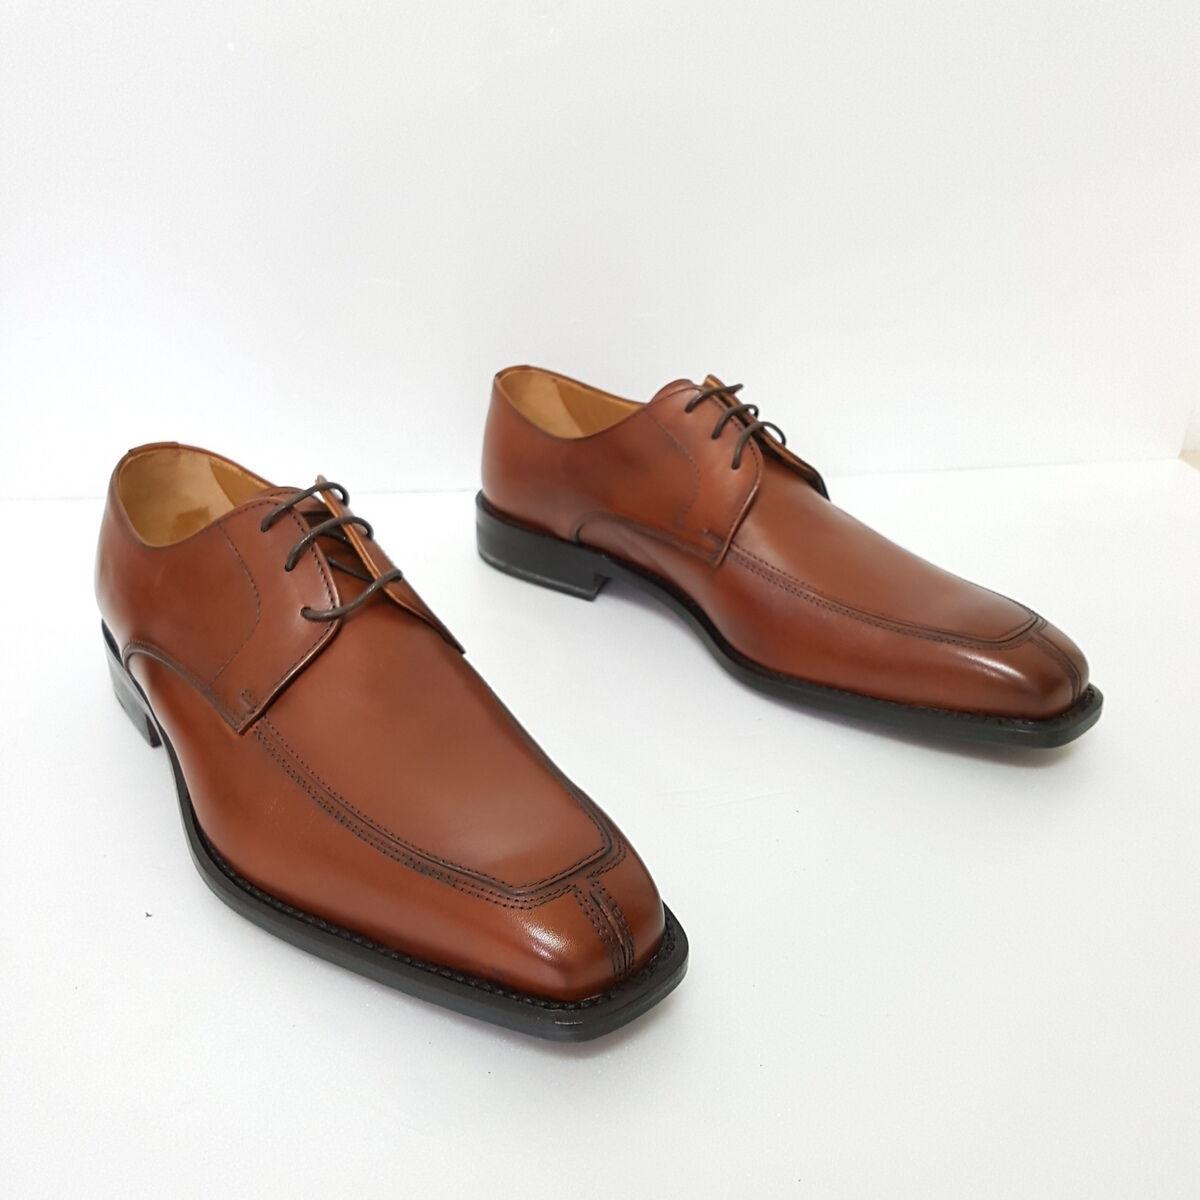 MADE IN ITALY Scarpe uomo classiche classiche uomo fatte a mano tg 9 colore marrone f4fead